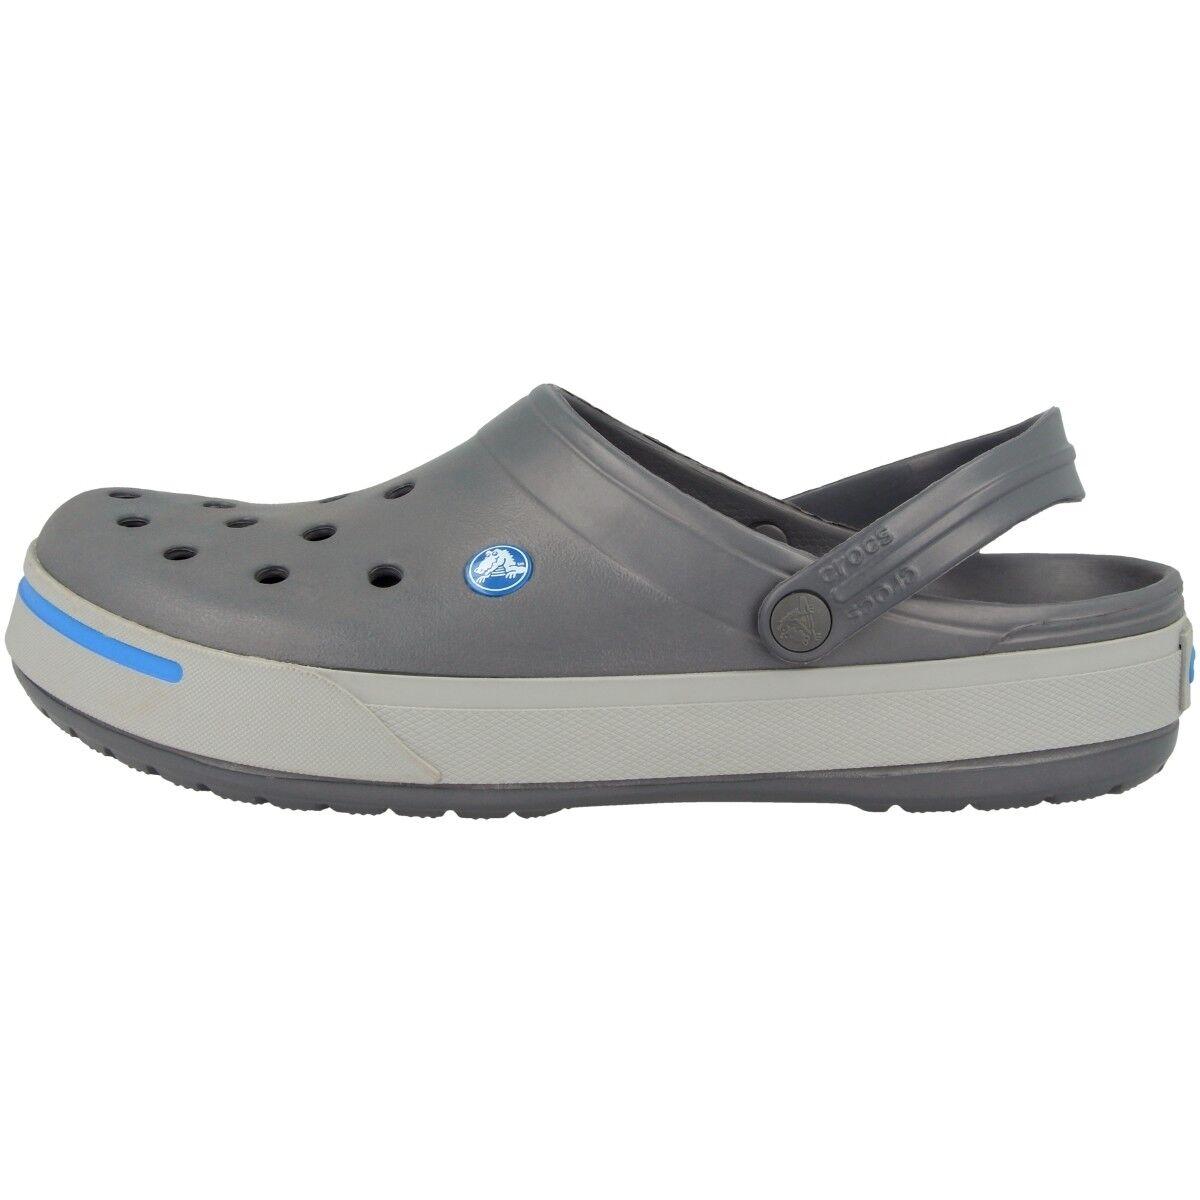 Crocs Carbón Crocband ii Zueco Sandalia Carbón Crocs Gris Claro 11989-01w Zapatos zapatillas f2ab9c